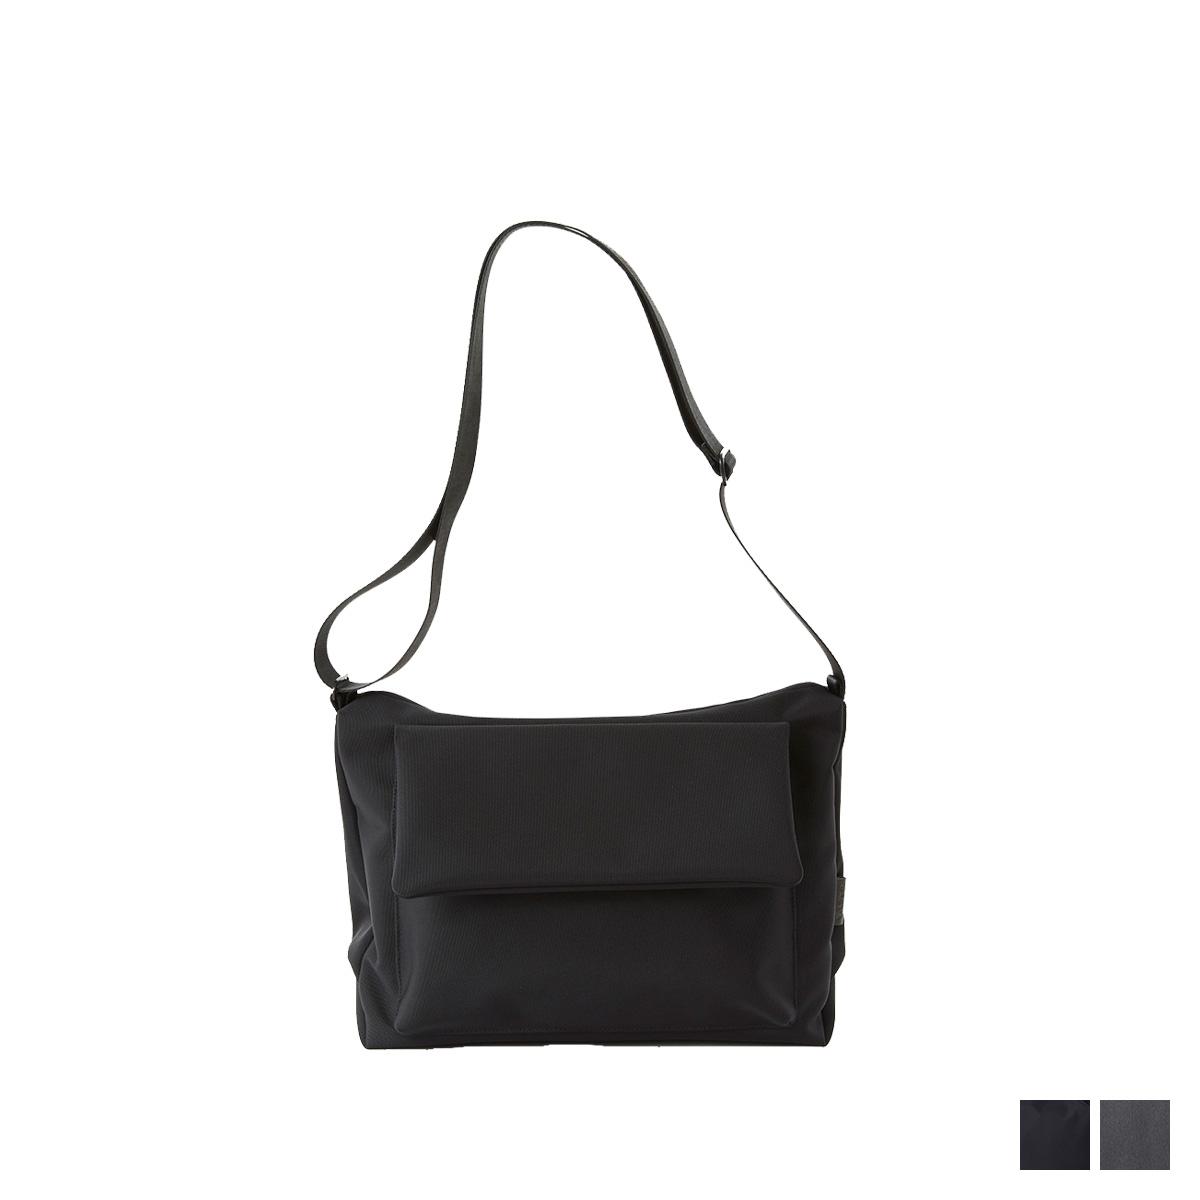 送料無料 あす楽対応 カクタ CACTA 新商品 ショルダーバッグ カバン 鞄 COLON 新作通販 HOLIDAY FLAP 1008 黒 グレー レディース ブラック バッグ メンズ SHOULDER